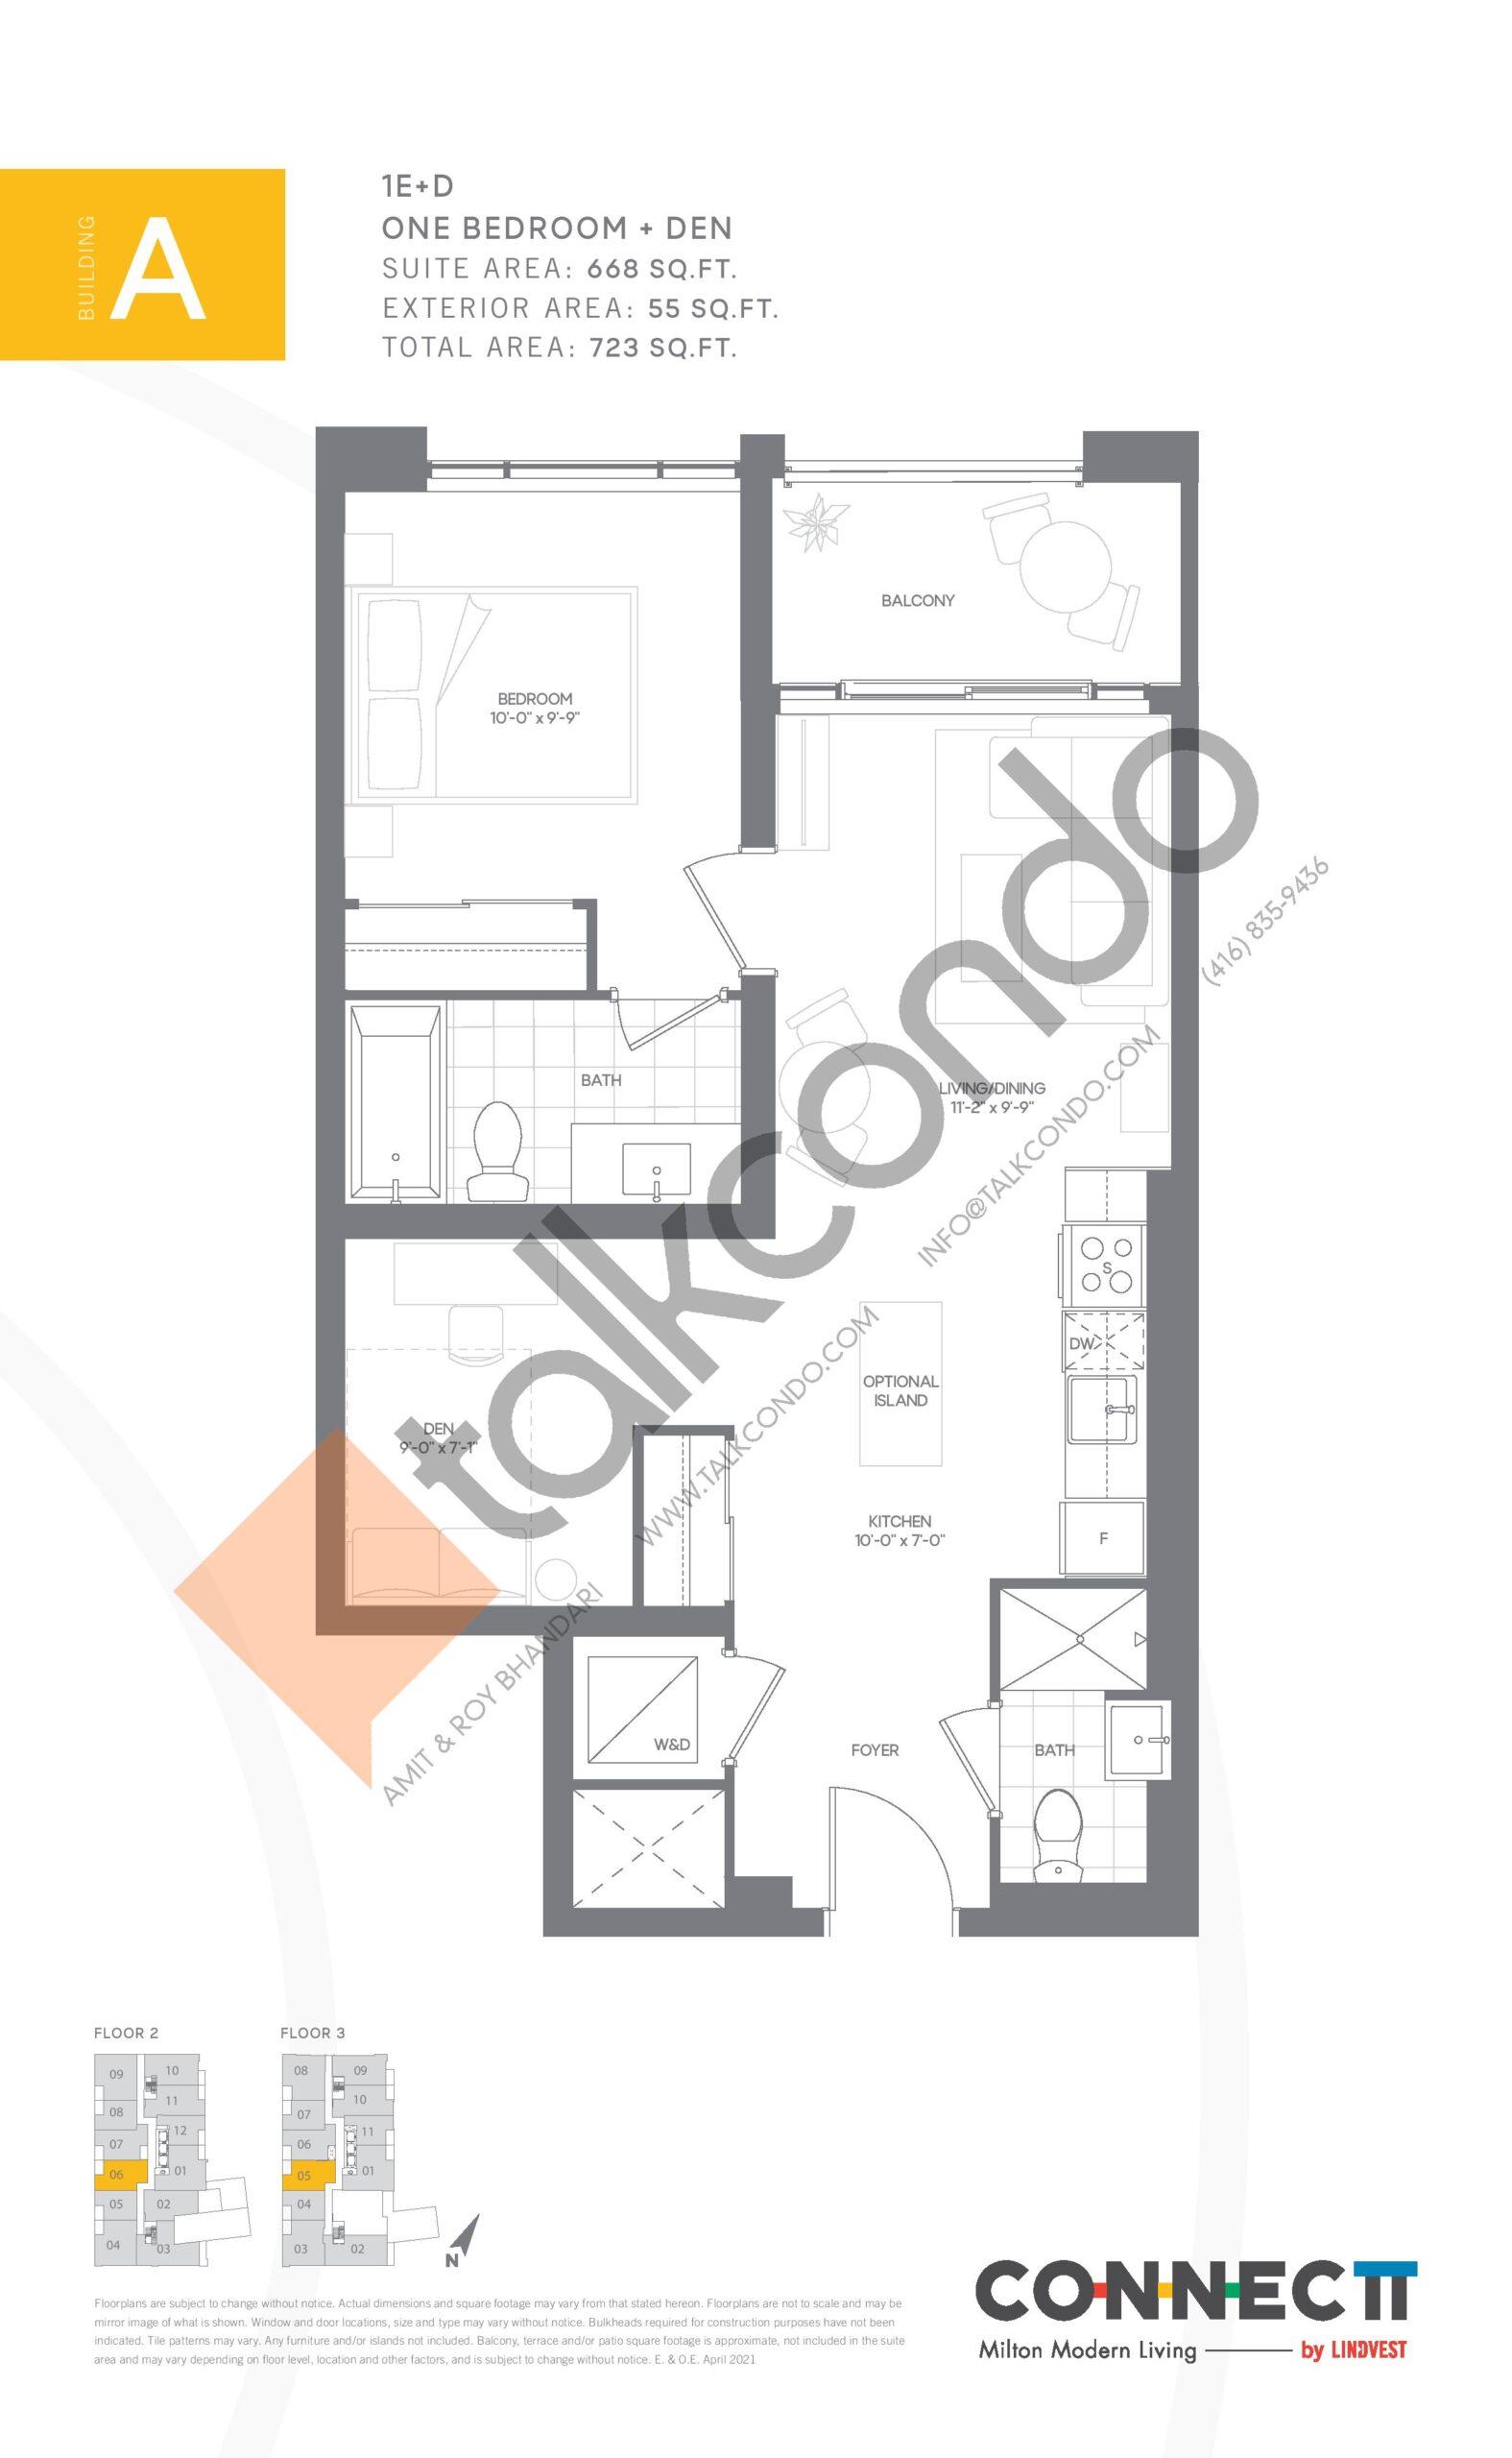 1E+D Floor Plan at Connectt Urban Community Condos - 668 sq.ft